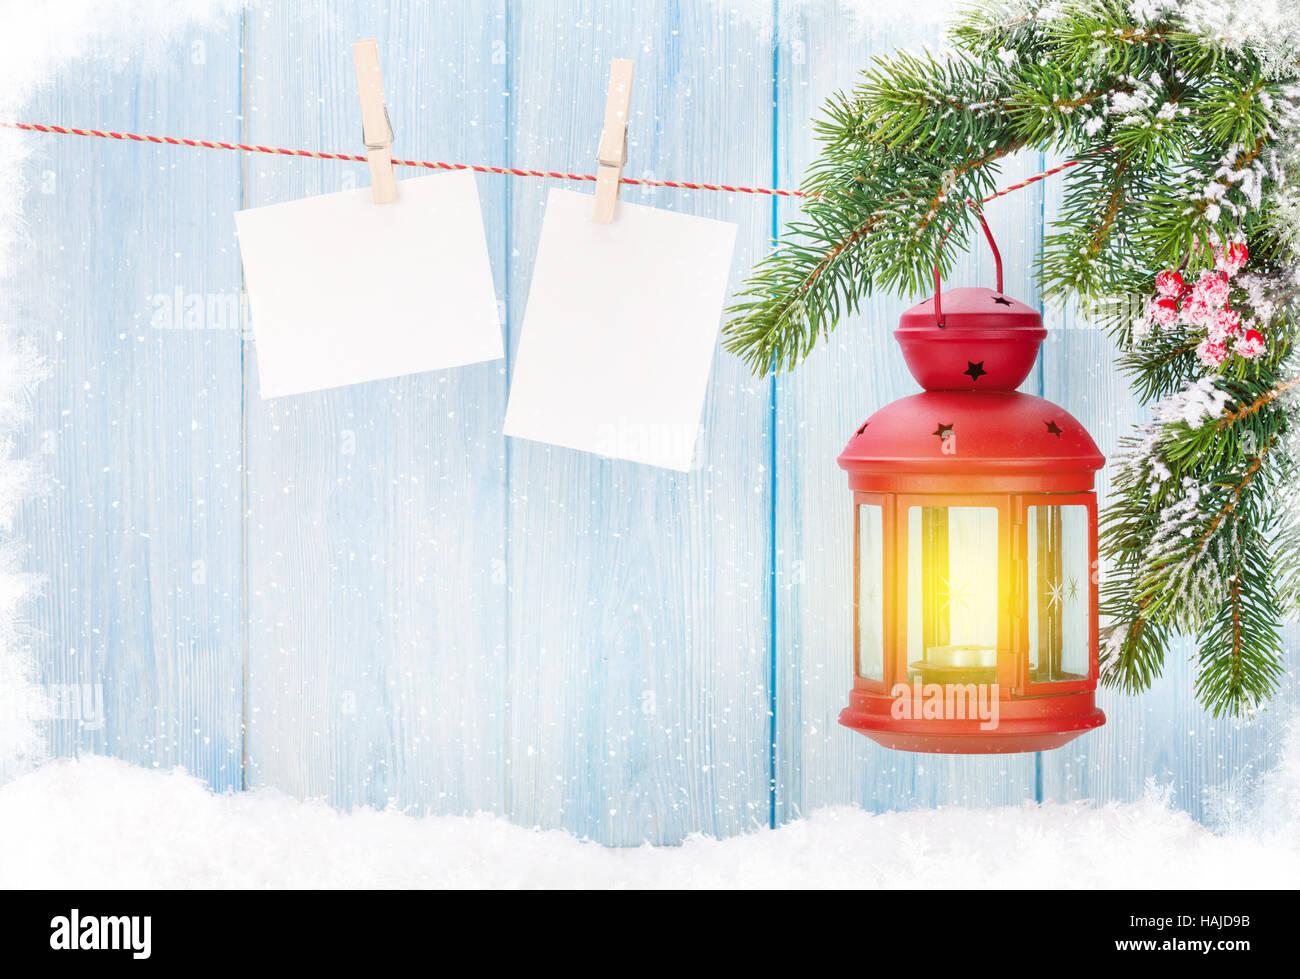 Weihnachten Kerze Laterne und leere Bilderrahmen Stockfoto, Bild ...